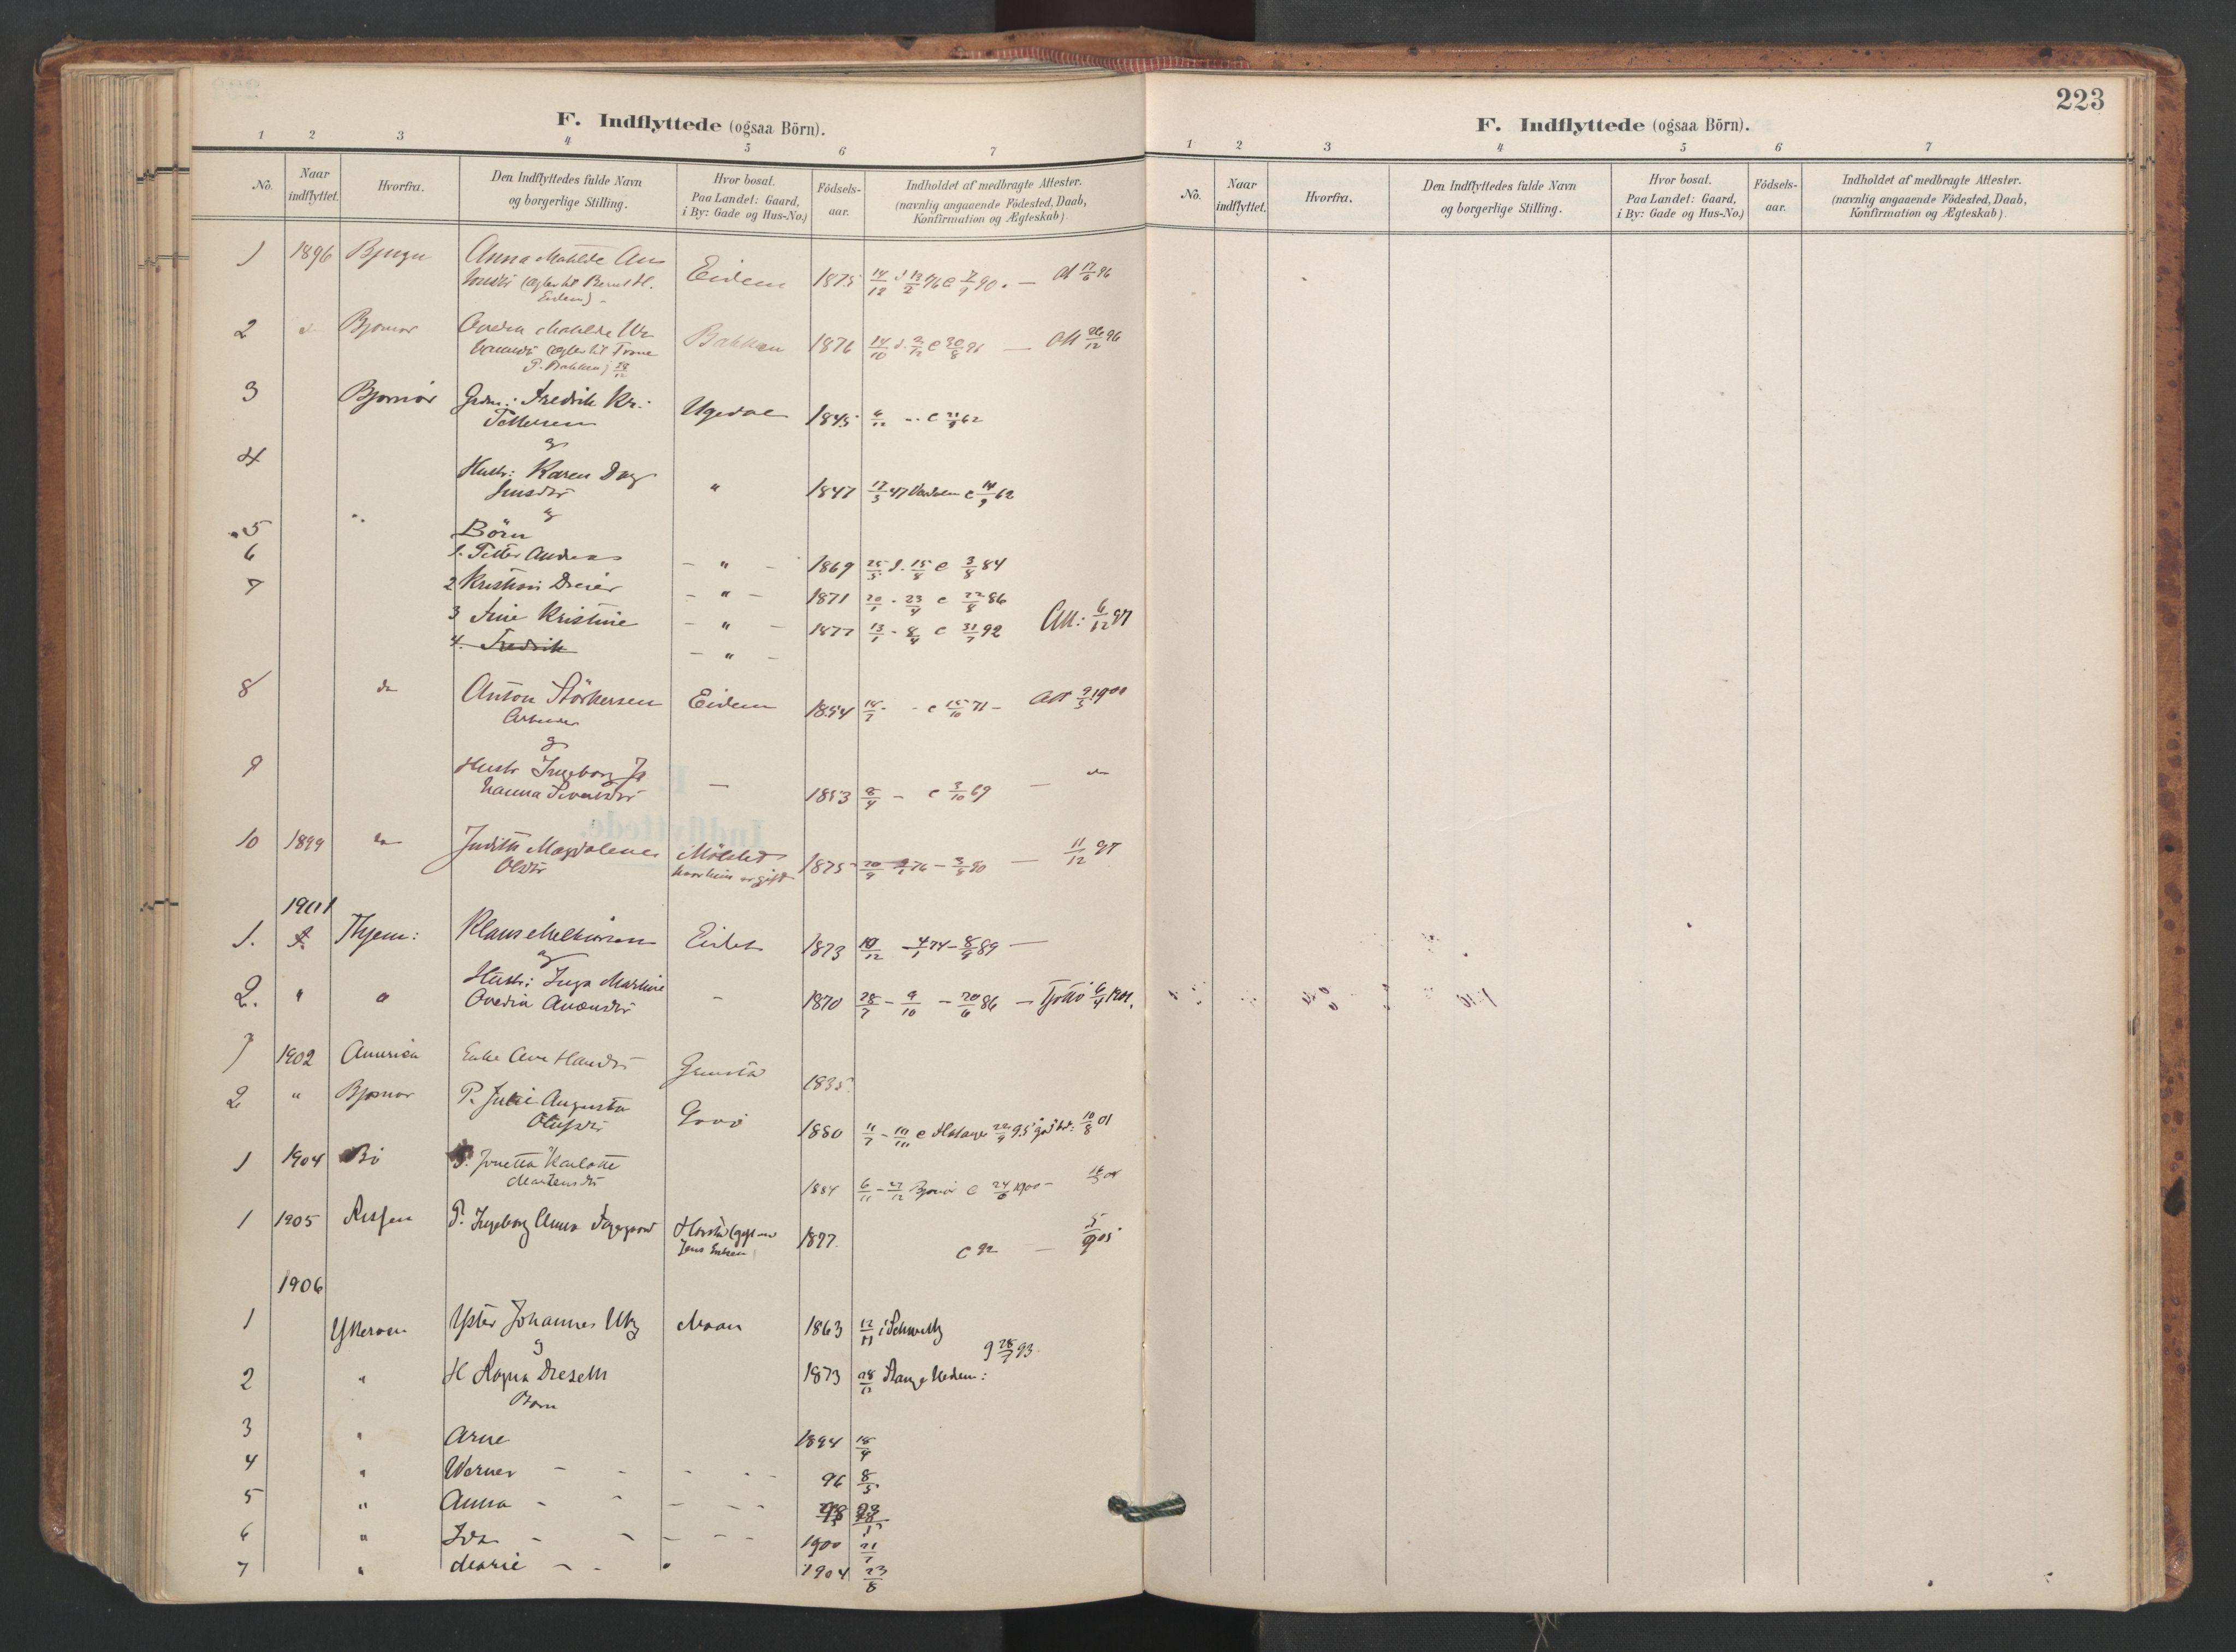 SAT, Ministerialprotokoller, klokkerbøker og fødselsregistre - Sør-Trøndelag, 655/L0681: Ministerialbok nr. 655A10, 1895-1907, s. 223